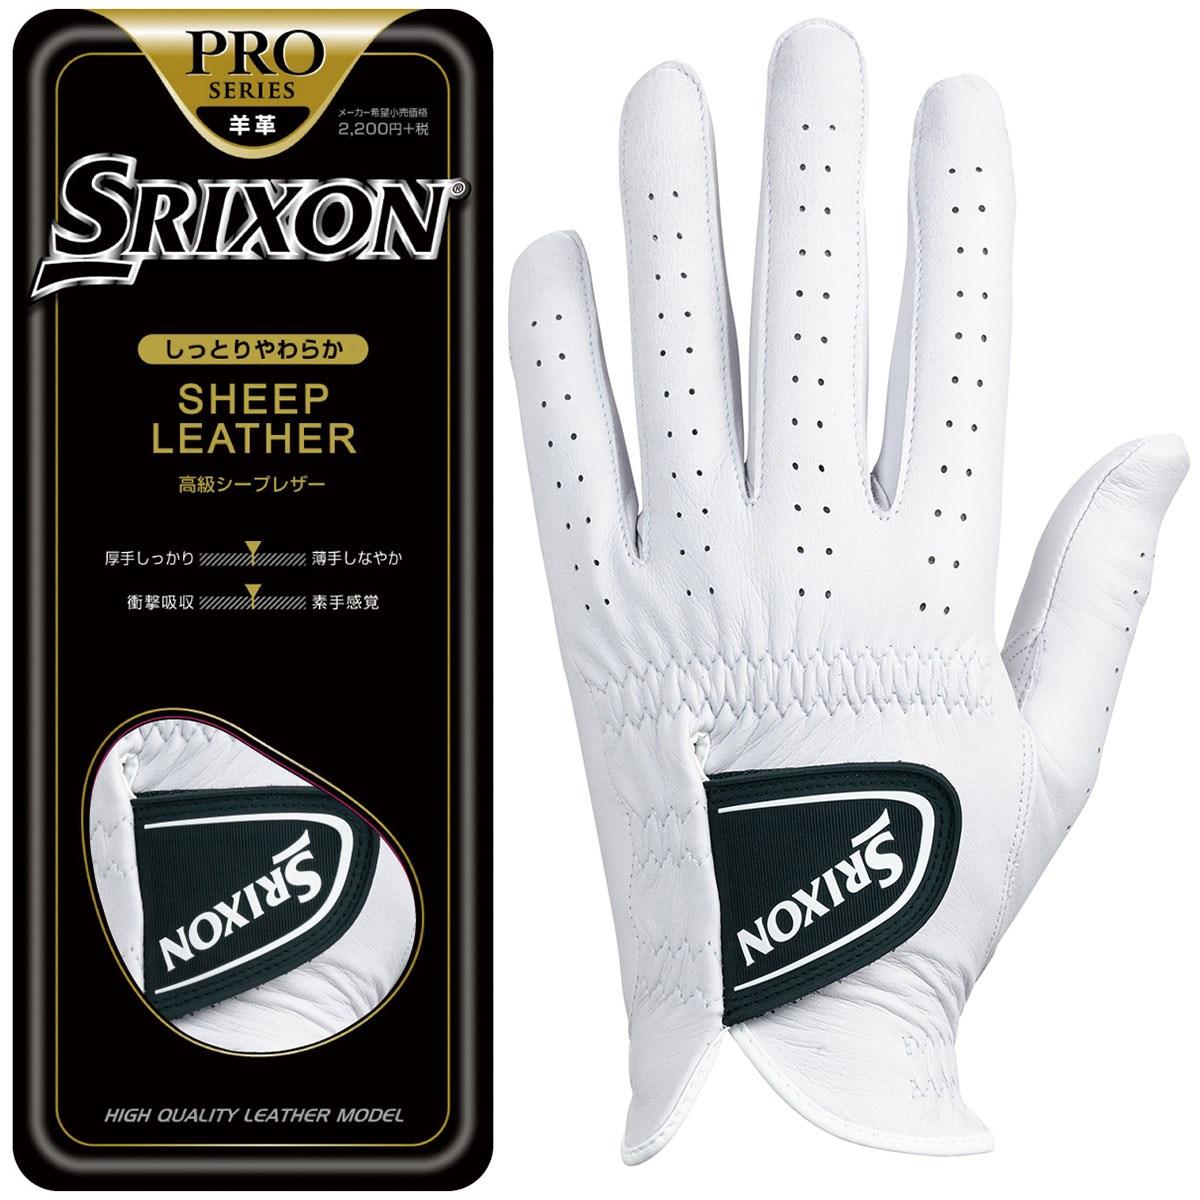 ダンロップ SRIXON ゴルフグローブ 22cm 左手着用(右利き用) ホワイト